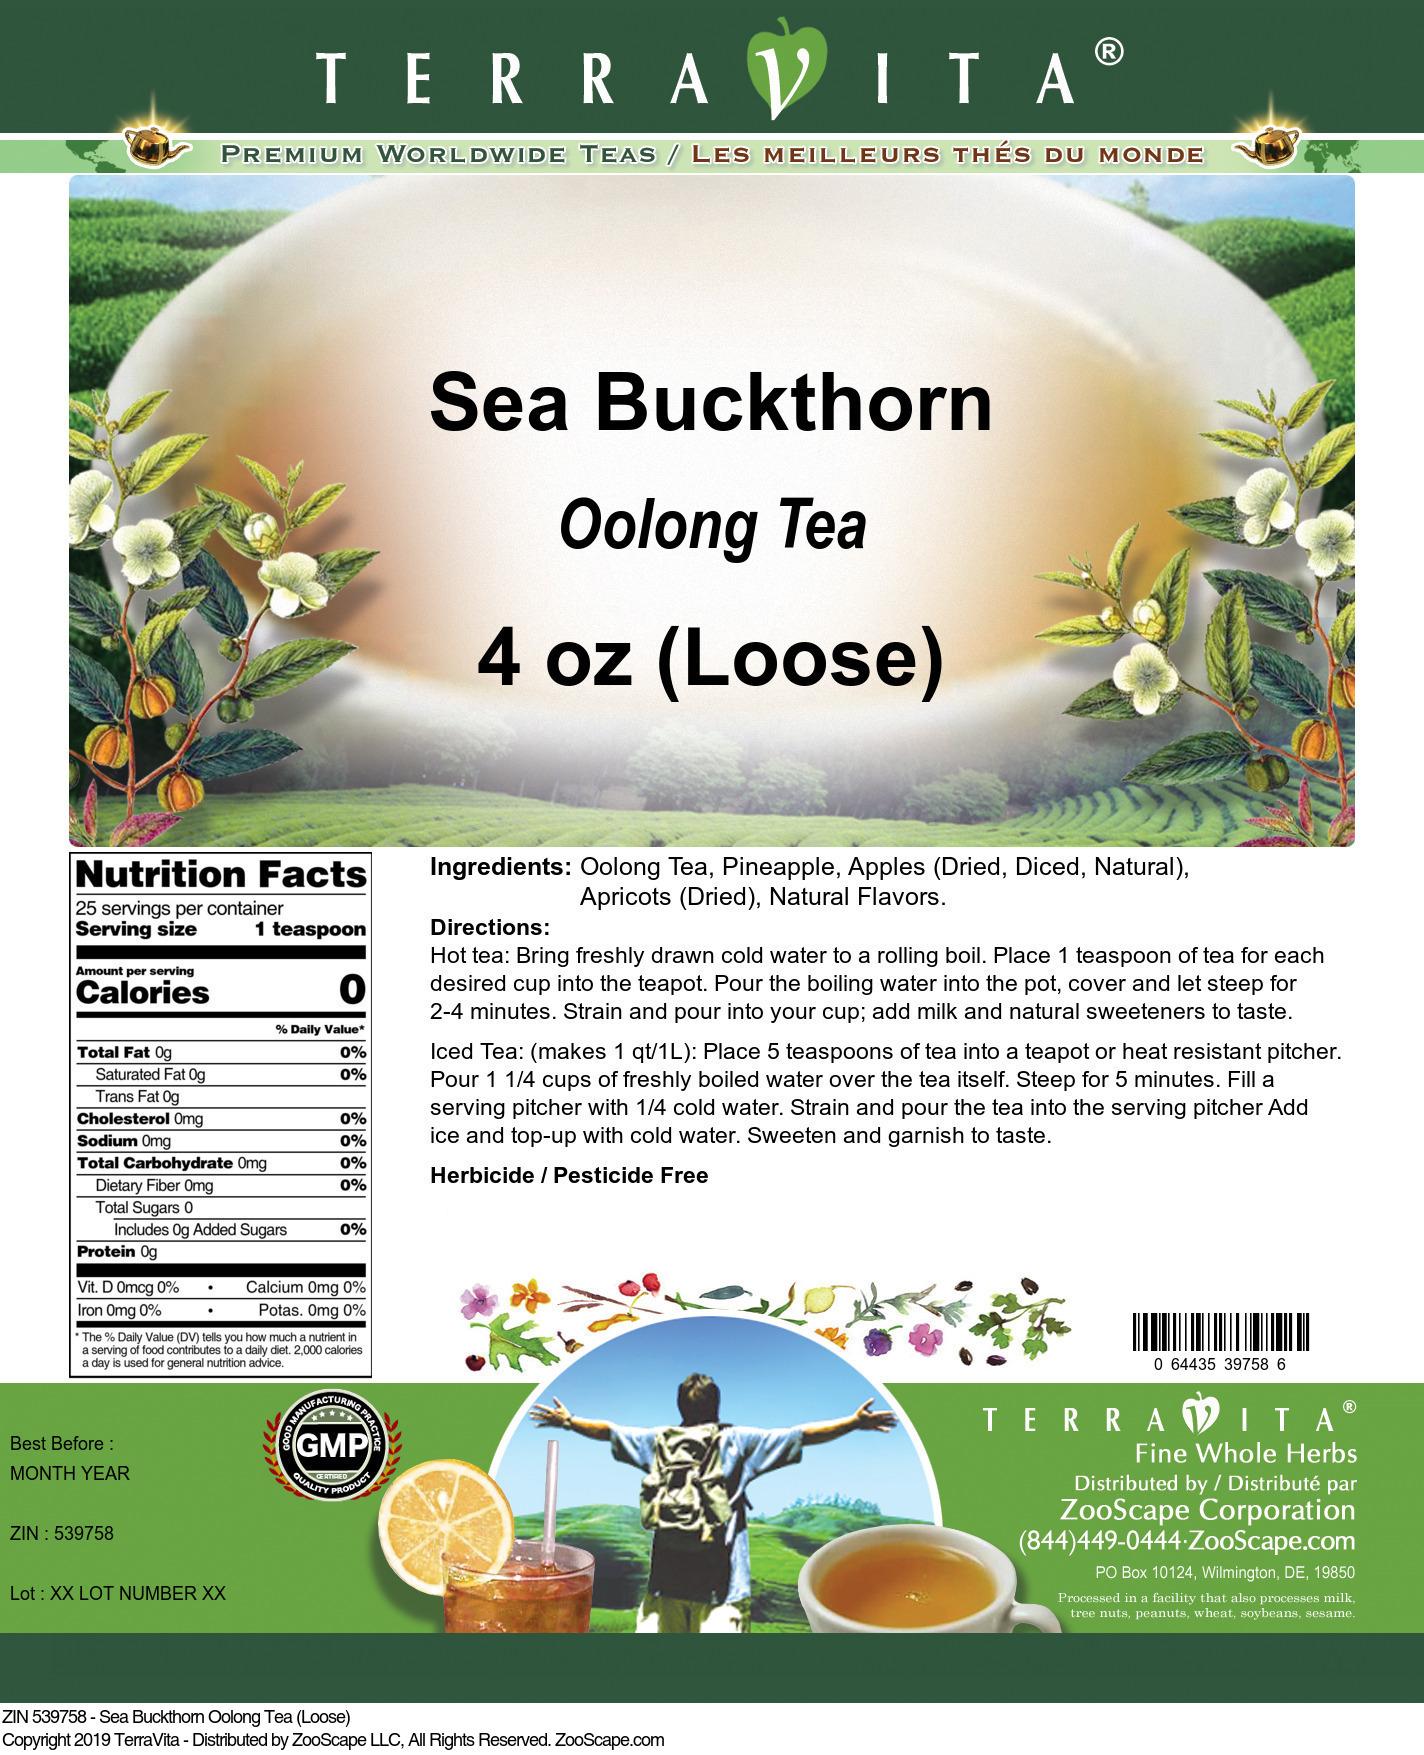 Sea Buckthorn Oolong Tea (Loose)